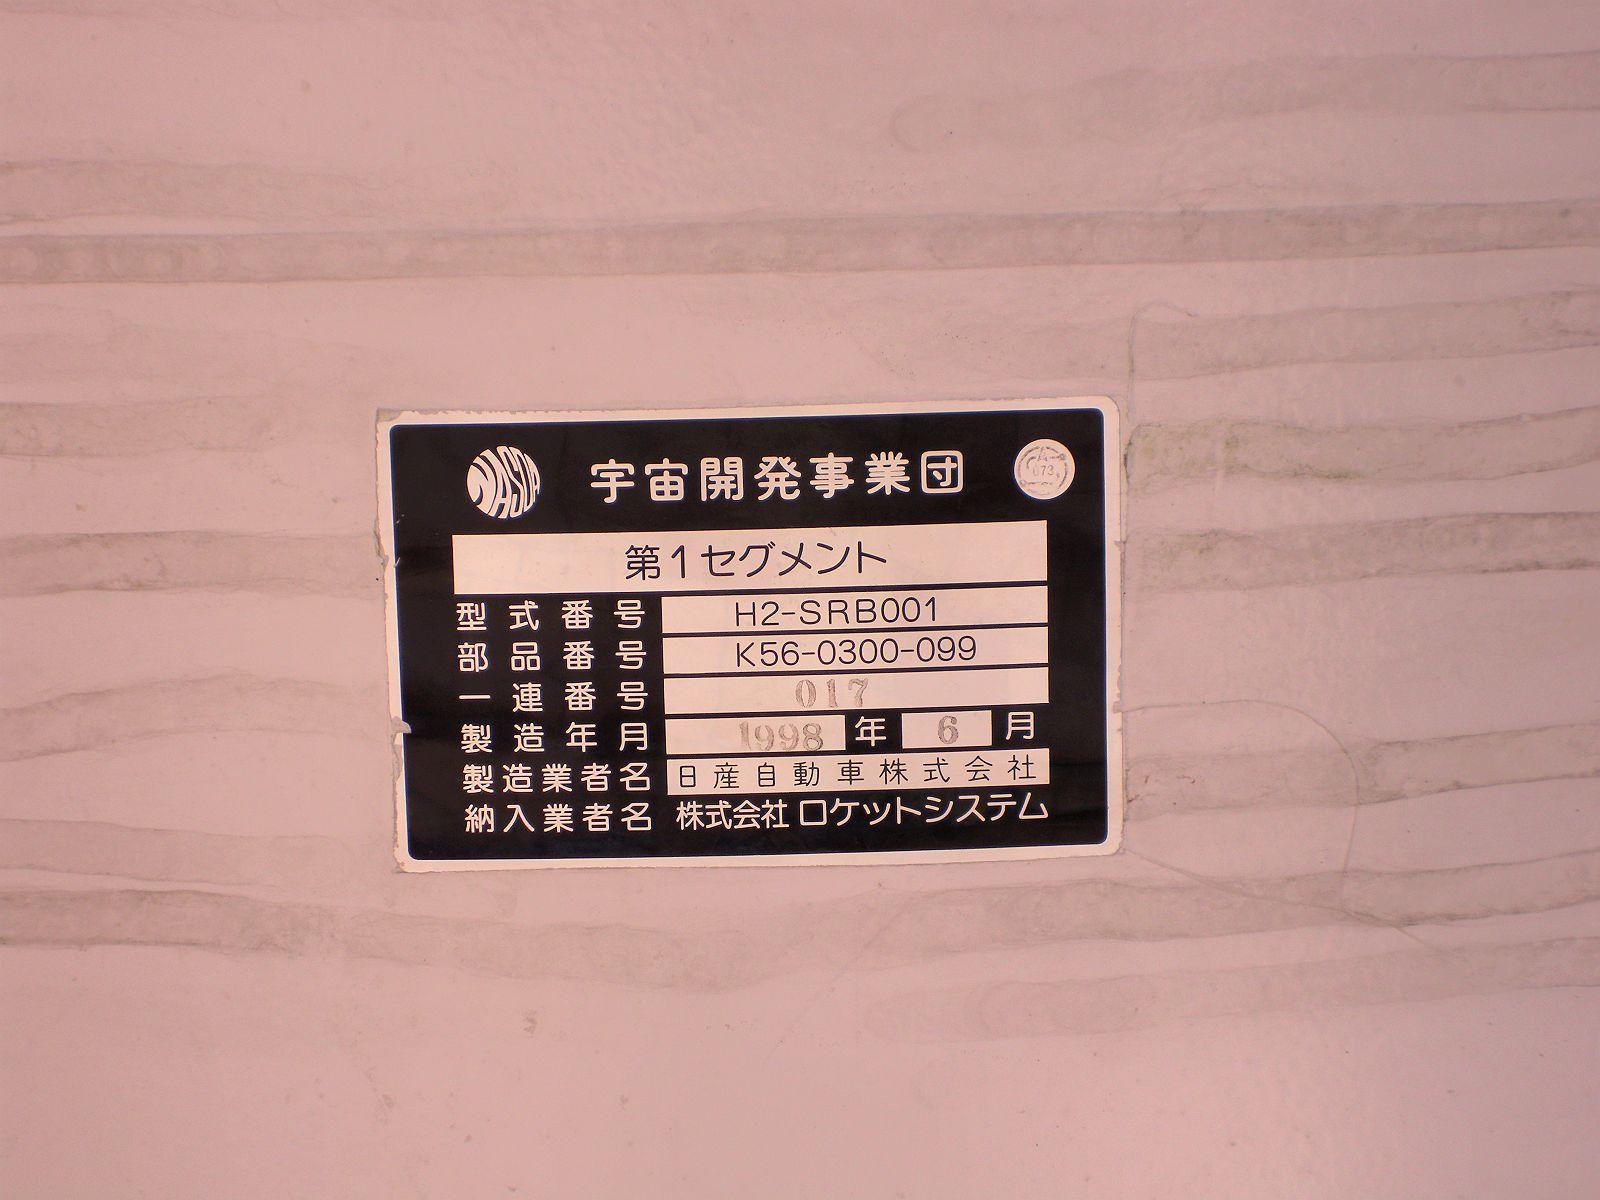 Dscn0443s